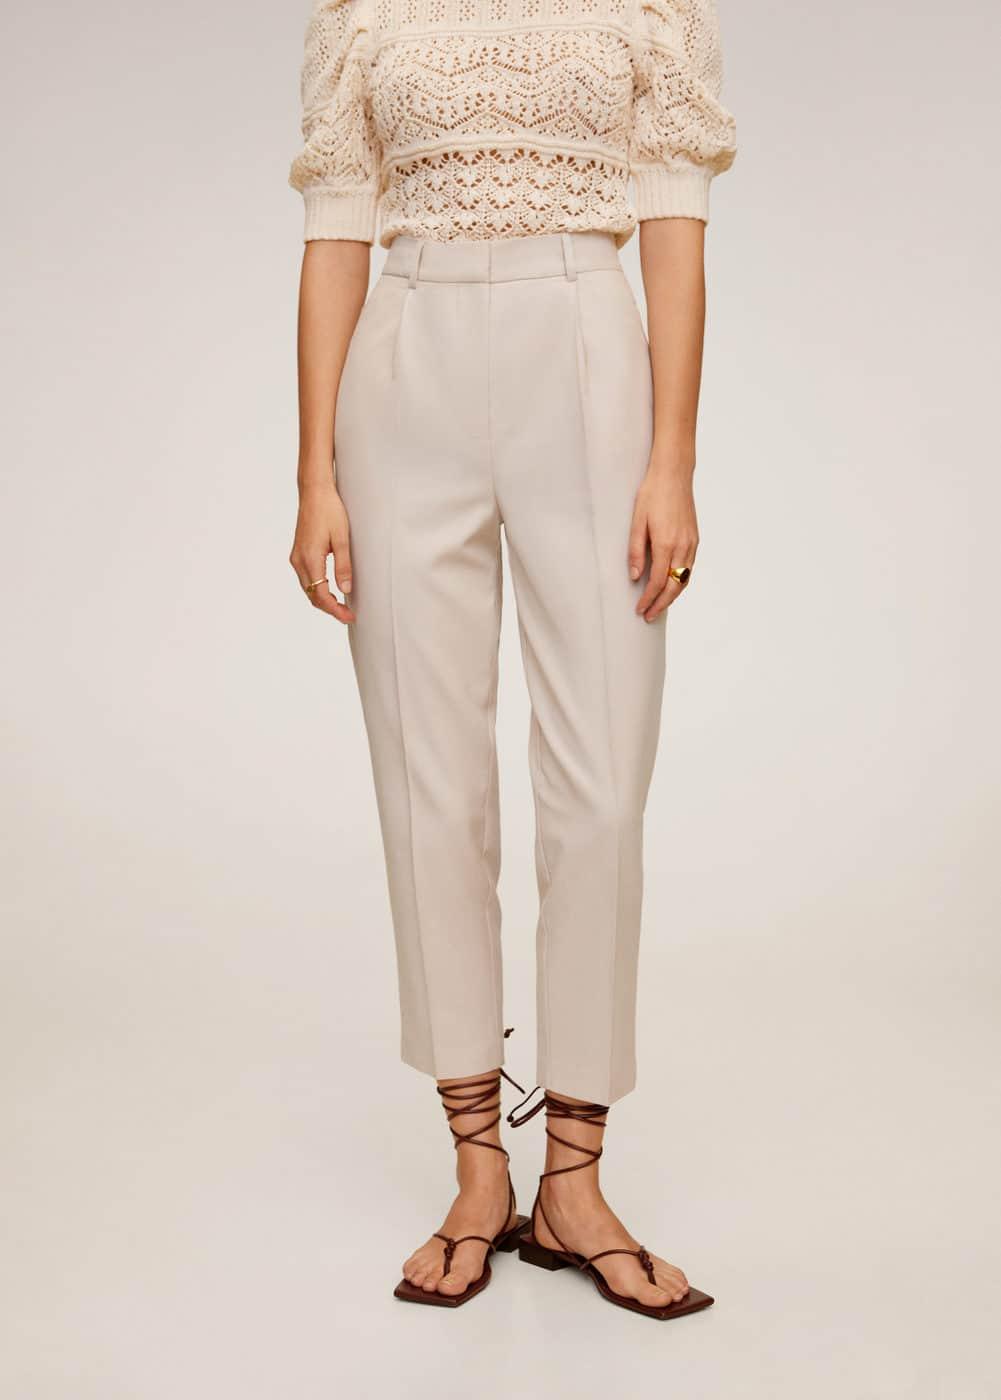 m-duke:pantalon lyocell pinzas